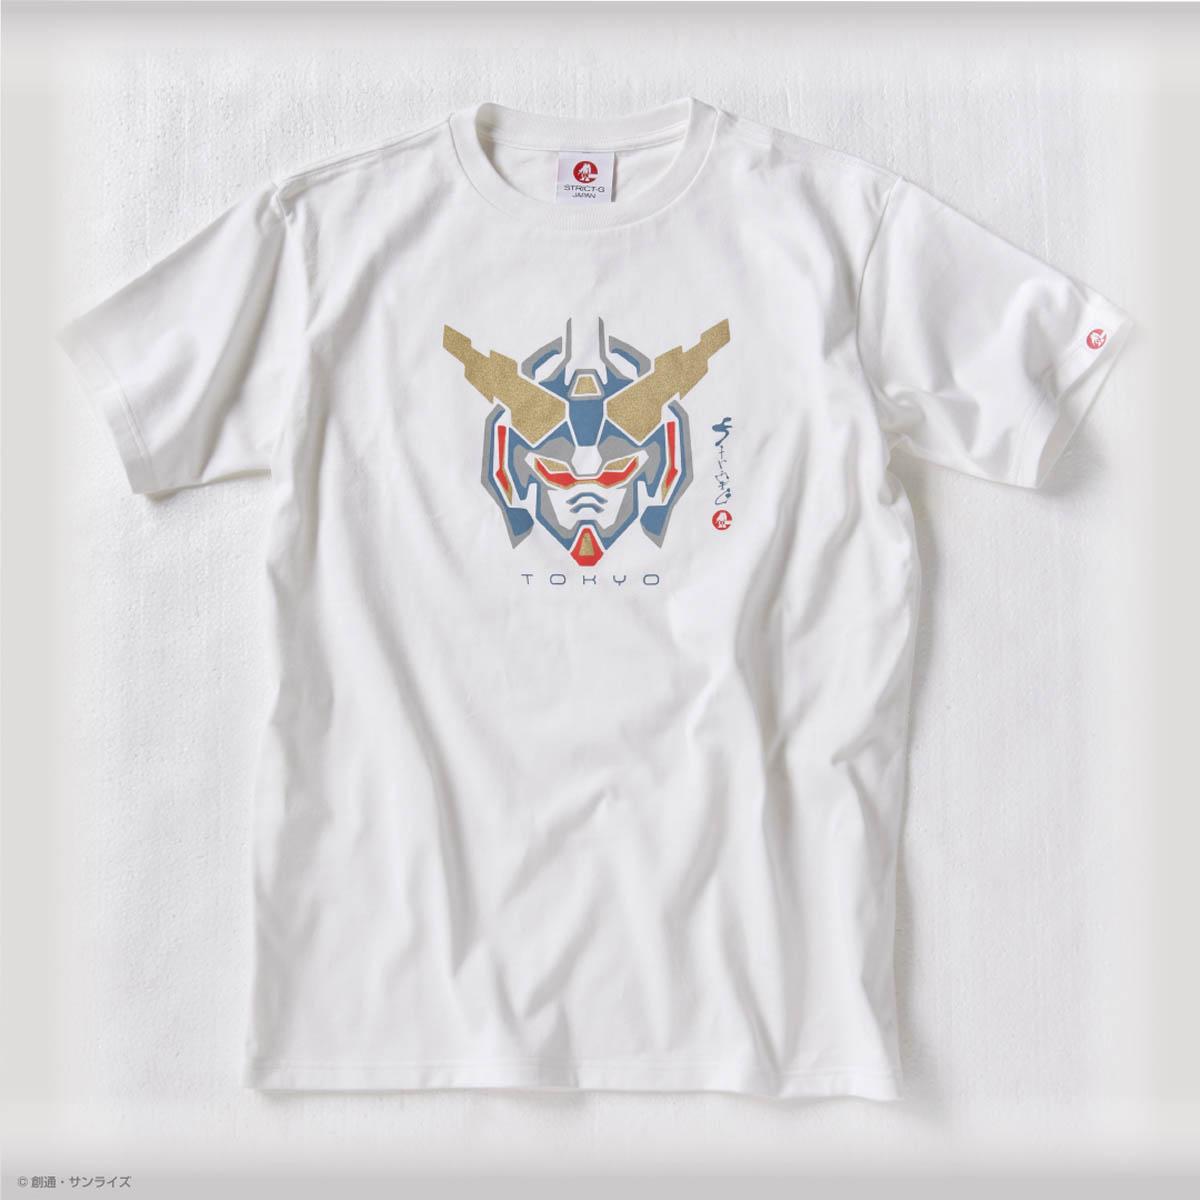 STRICT-G JAPAN 『機動戦士ガンダムUC』Tシャツ UCガンダム紋様柄  (STRICT-G 東京お台場店限定商品)